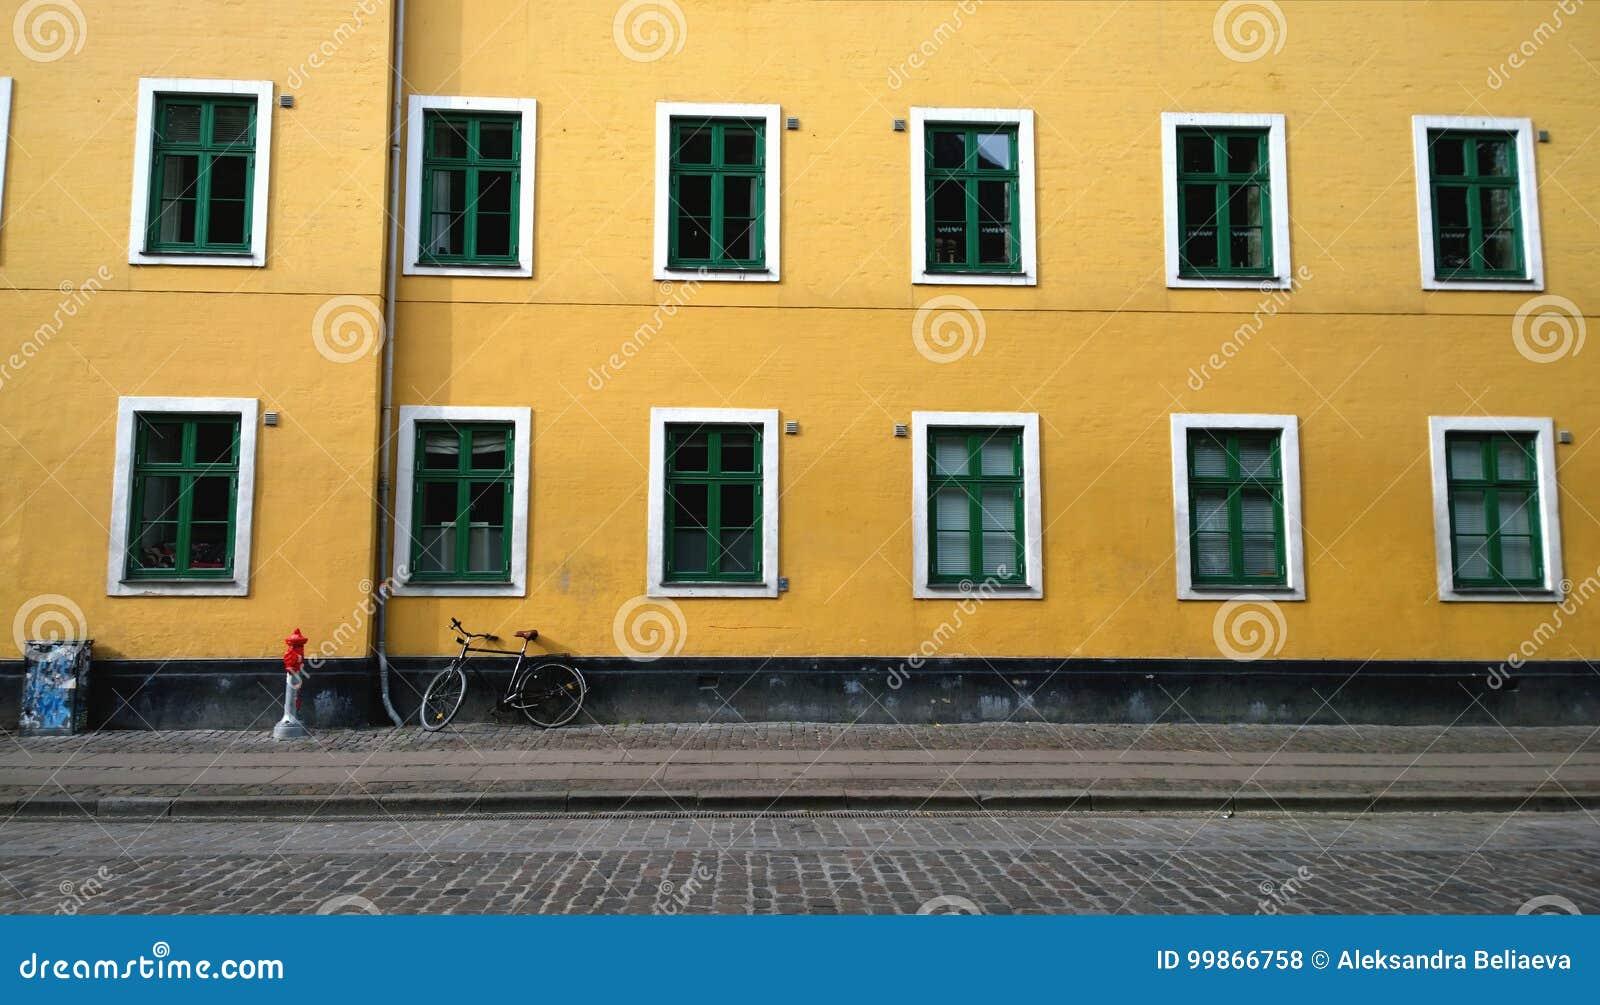 Φωτεινό κίτρινο σπίτι τοίχων με τα μέρη των όμορφων παραθύρων Στον τοίχο που κλίνει το ποδήλατο Κοντά σε μια μικρή θέση